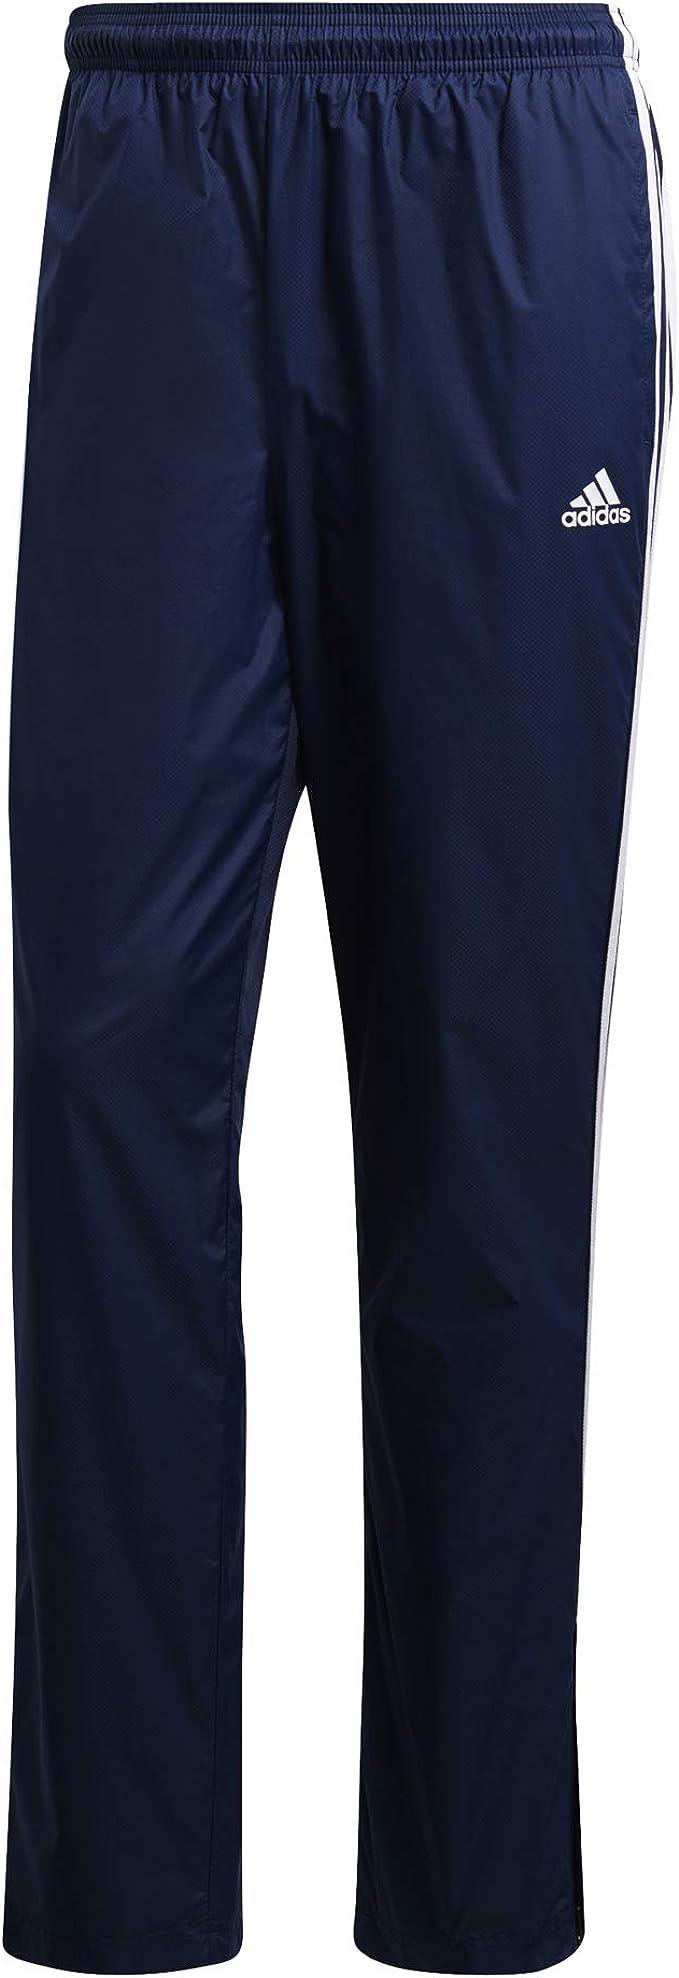 adidas ESS 3s Wvn Pantalón, Hombre: Amazon.es: Ropa y accesorios